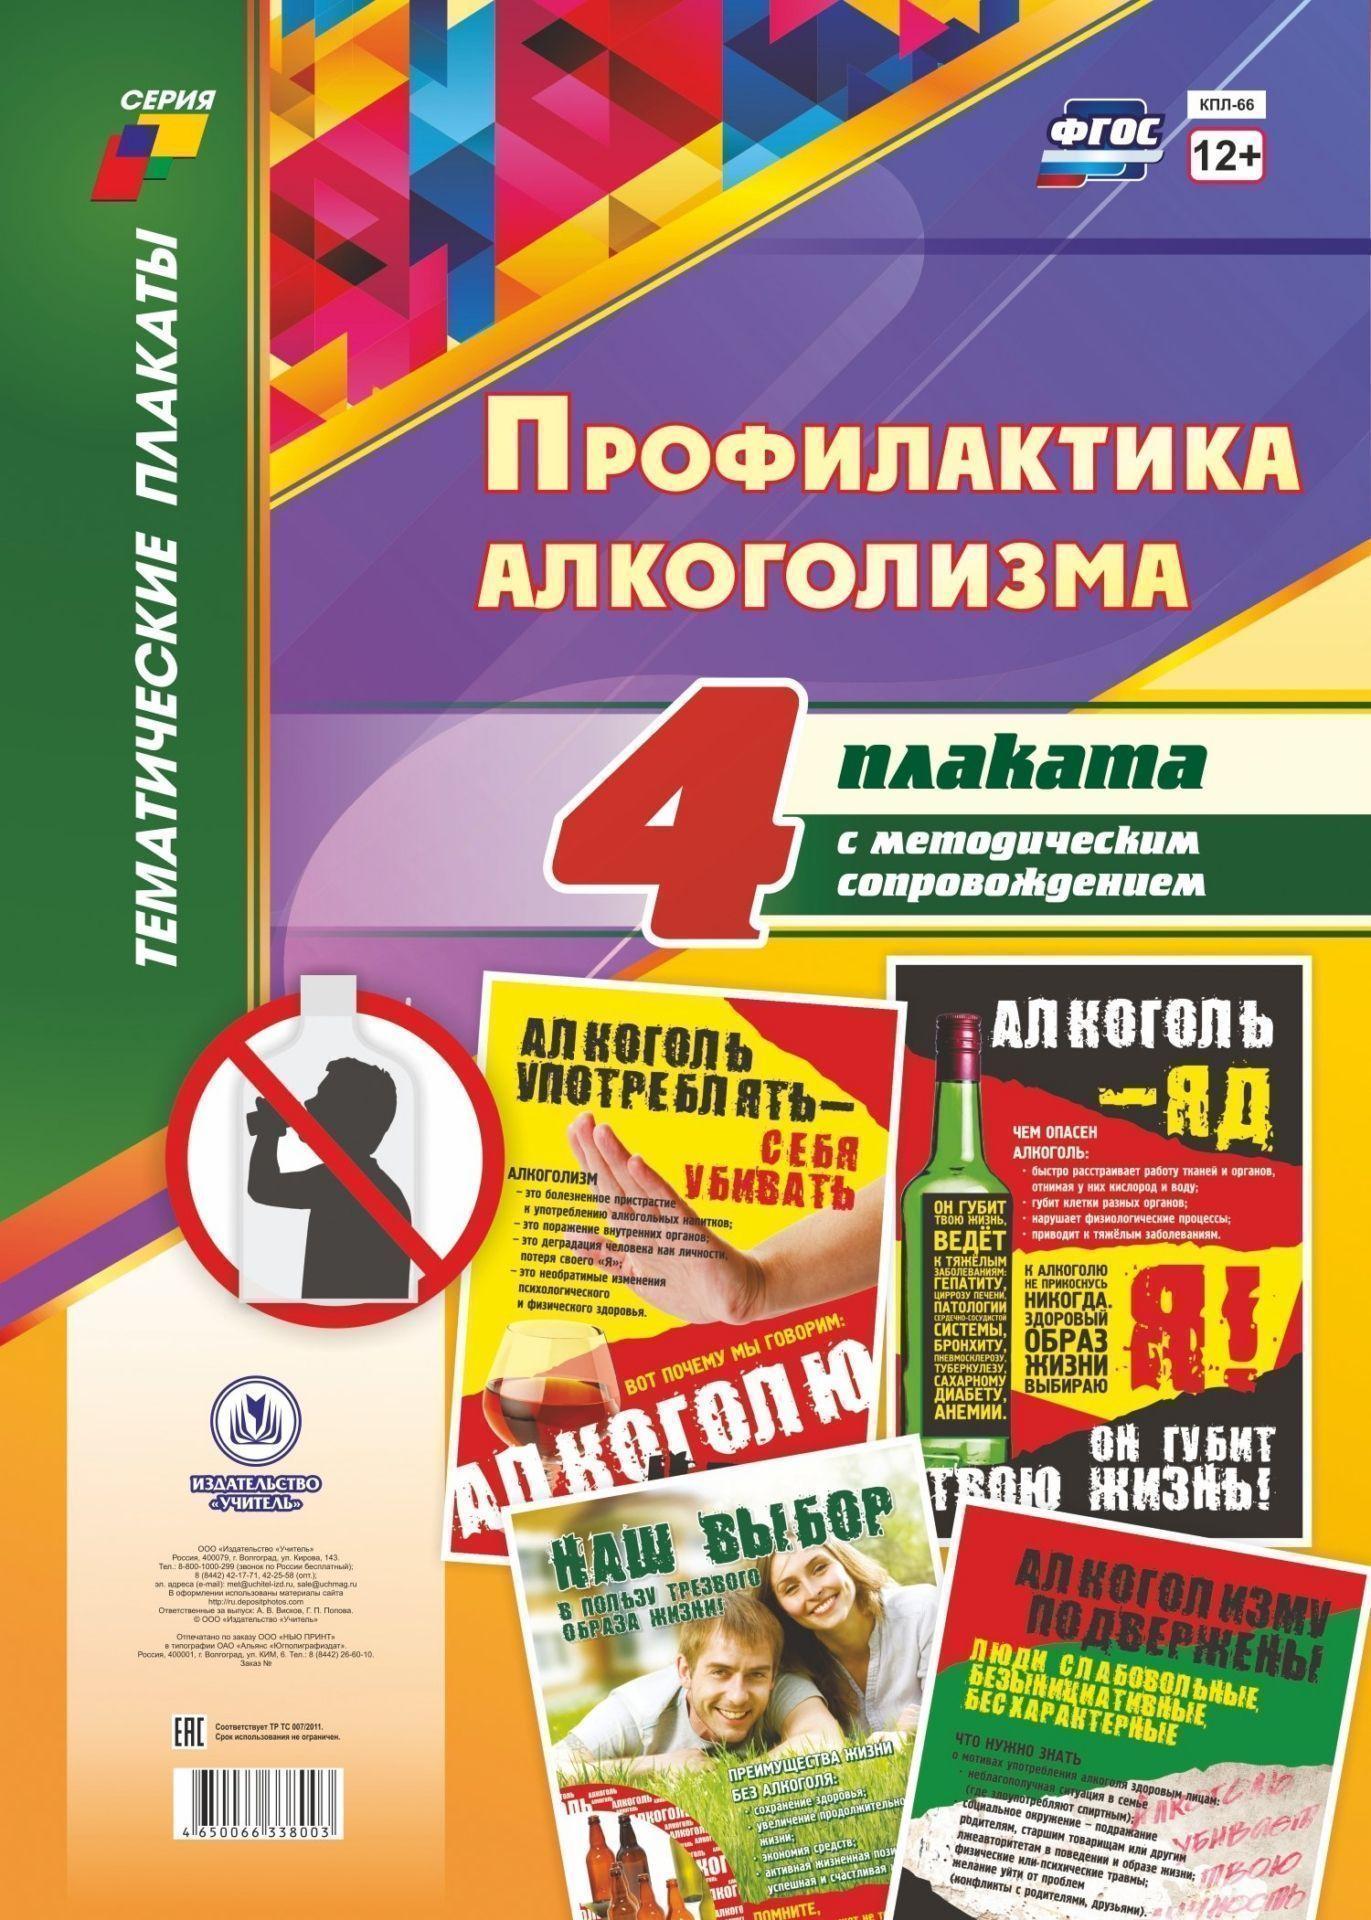 Комплект плакатов Профилактика алкоголизма: 4 плаката с методическим сопровождениемТематические плакаты<br>.<br><br>Год: 2017<br>Серия: Тематические плакаты<br>Высота: 297<br>Ширина: 420